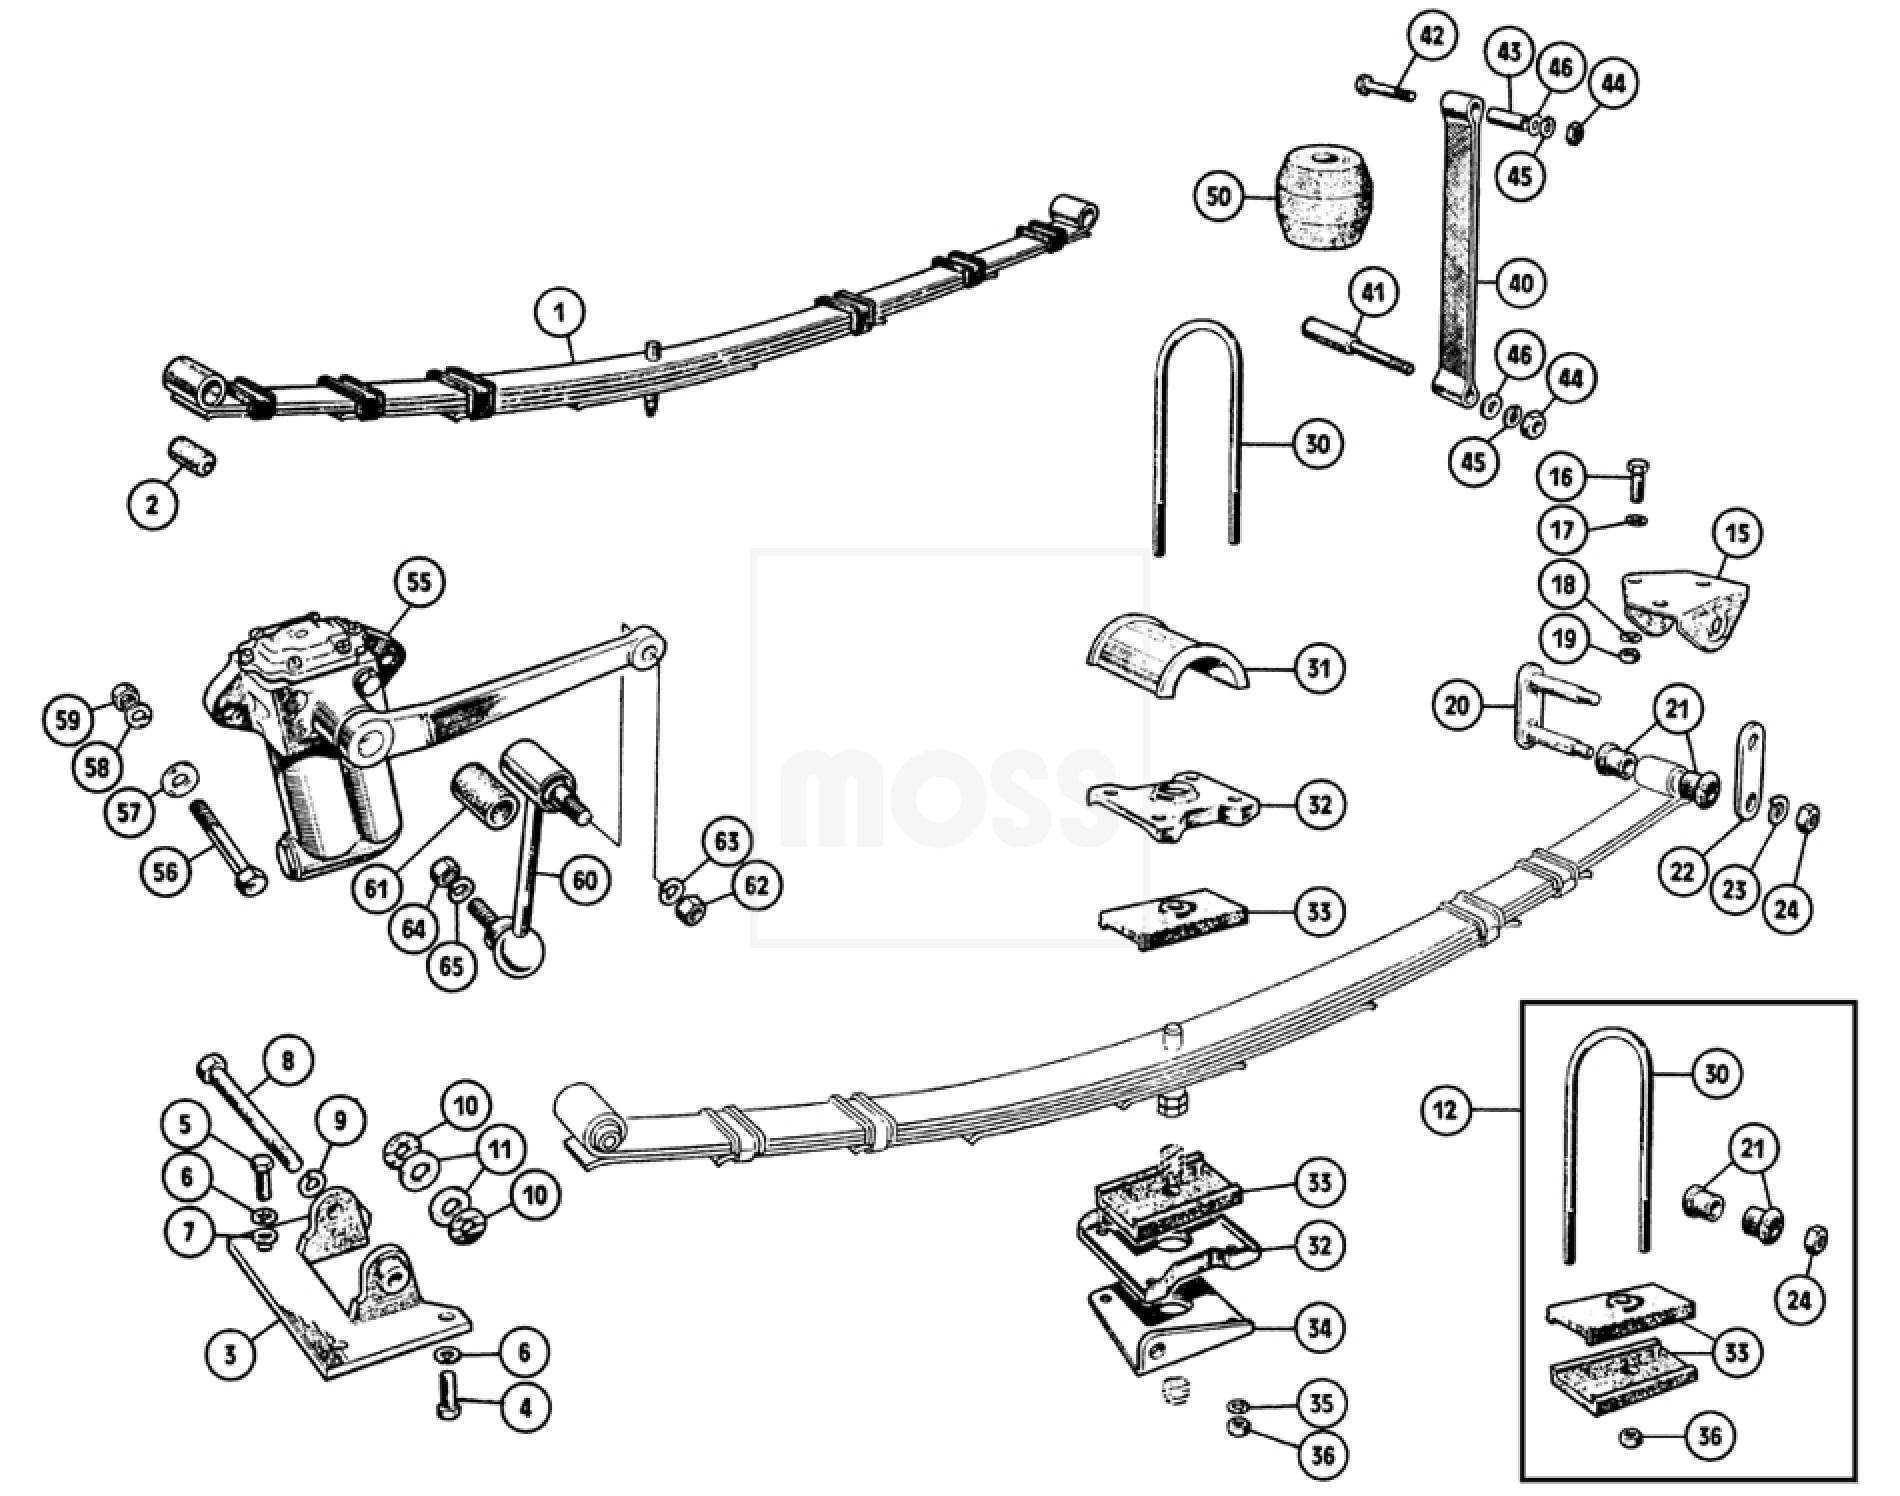 1966 austin healey sprite wiring harness 1966 austin